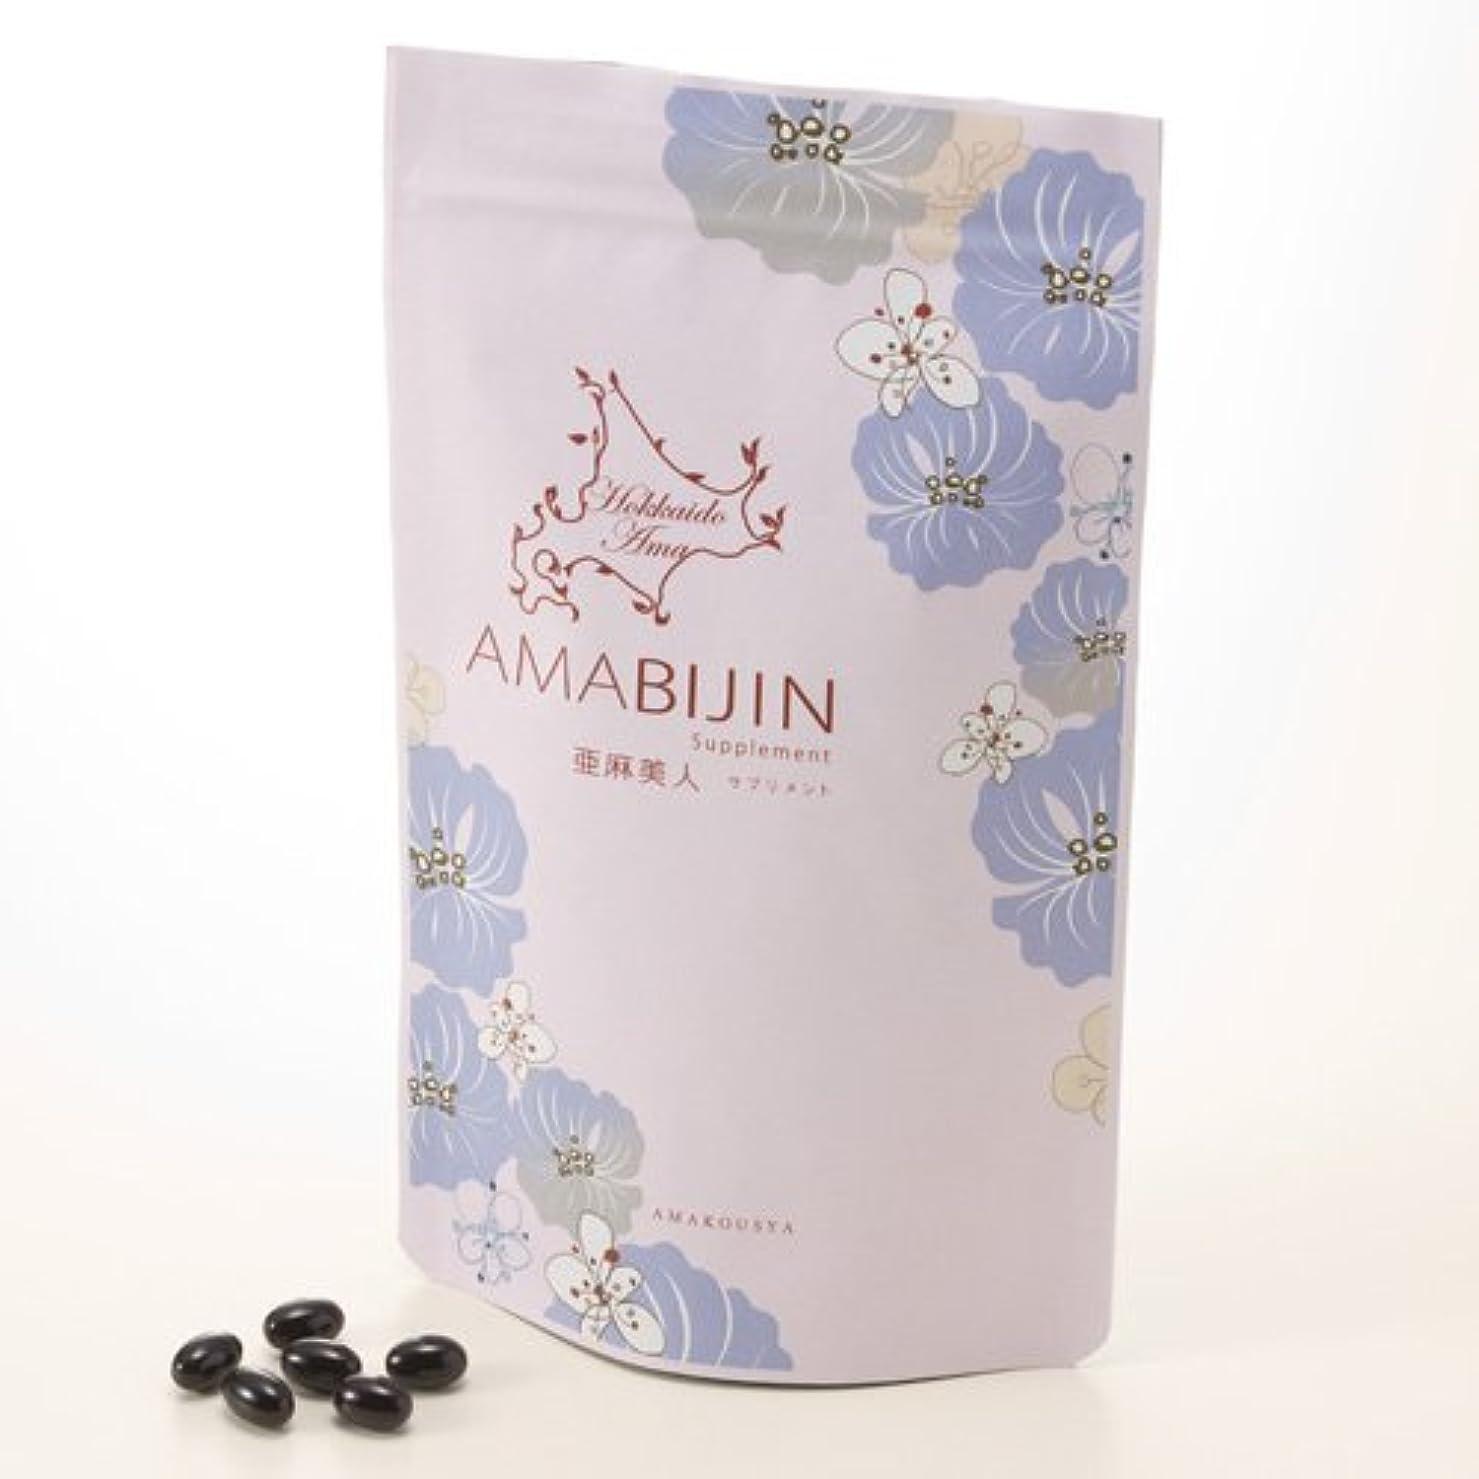 アヒル繁栄より良い北海道産 亜麻美人 サプリメント(180粒) 亜麻仁油とアロニアとのコラボ